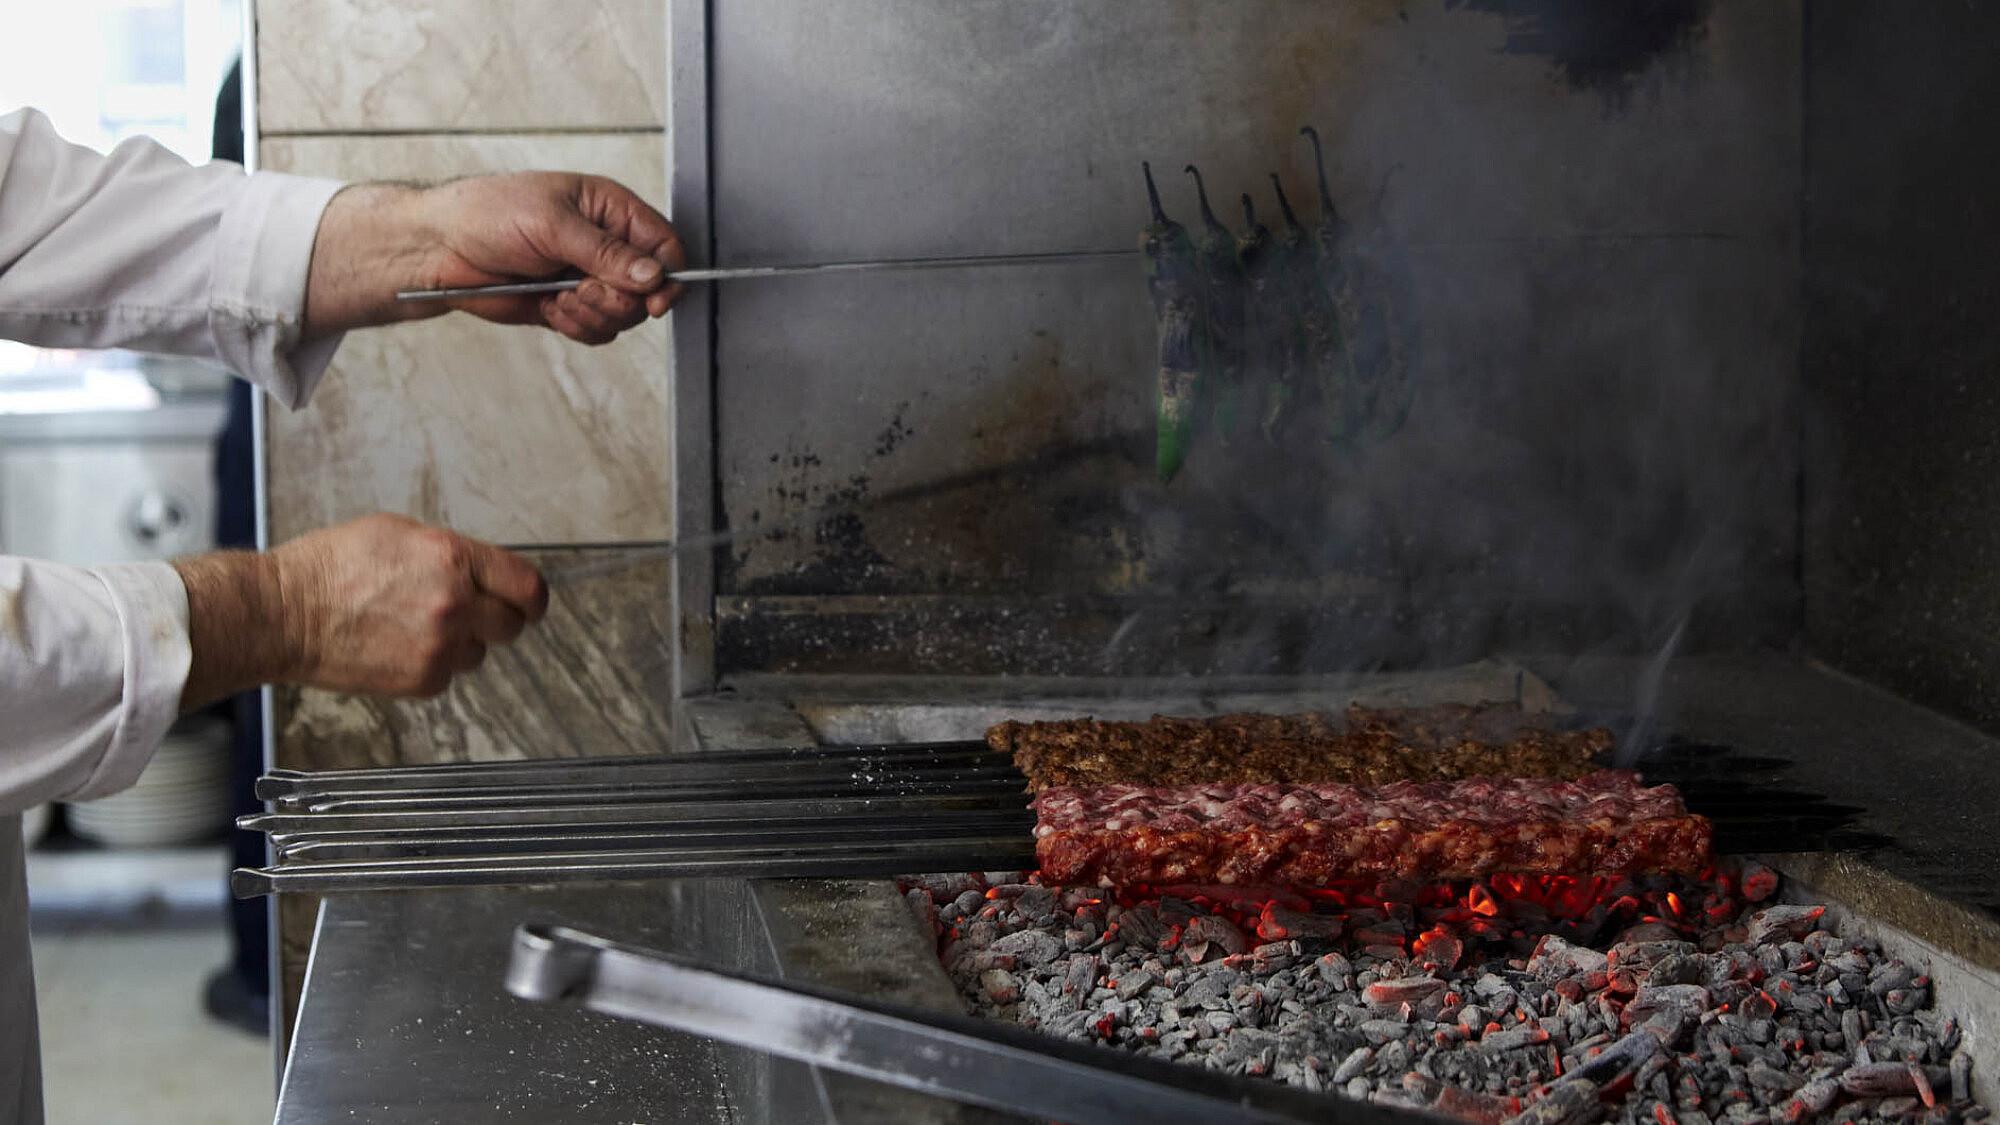 שיפודייה בגזיאנטפ, טורקיה, מתוך הספר Chasing Smoke של שרית פקר ואיתמר סורולביץ (צילום: פטרישיה ניבן)